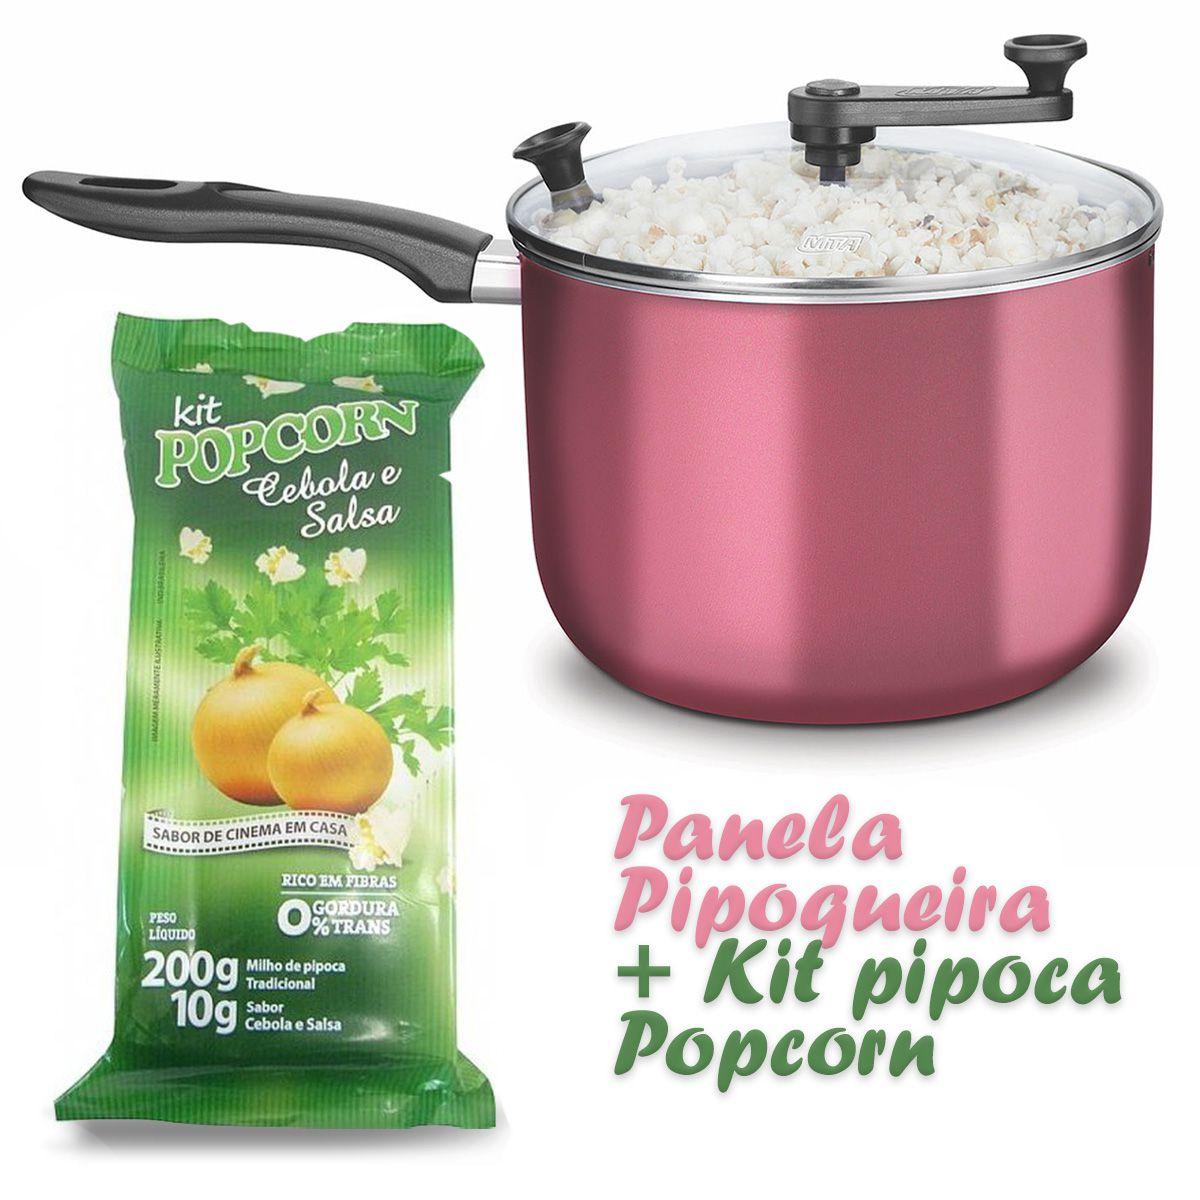 Pipoqueira Panela com Tampa de Vidro + Kit pipoca Popcorn sabor Cebola e Salsa